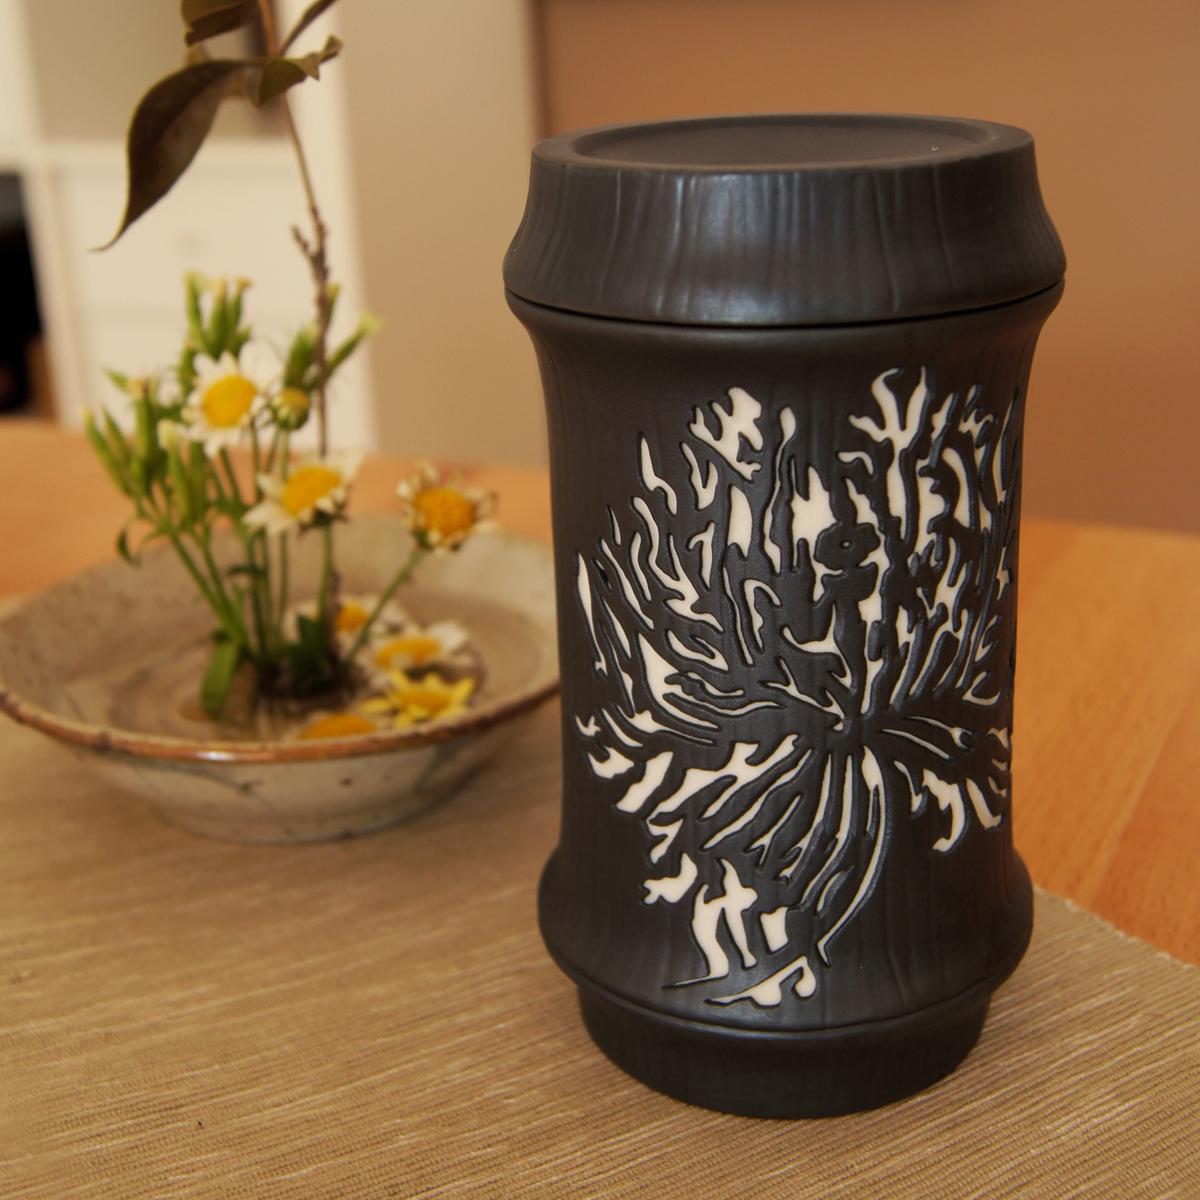 好合苑 Grand Garden 竹韻蓋杯 罌粟花 中國風雙色 (附提袋)